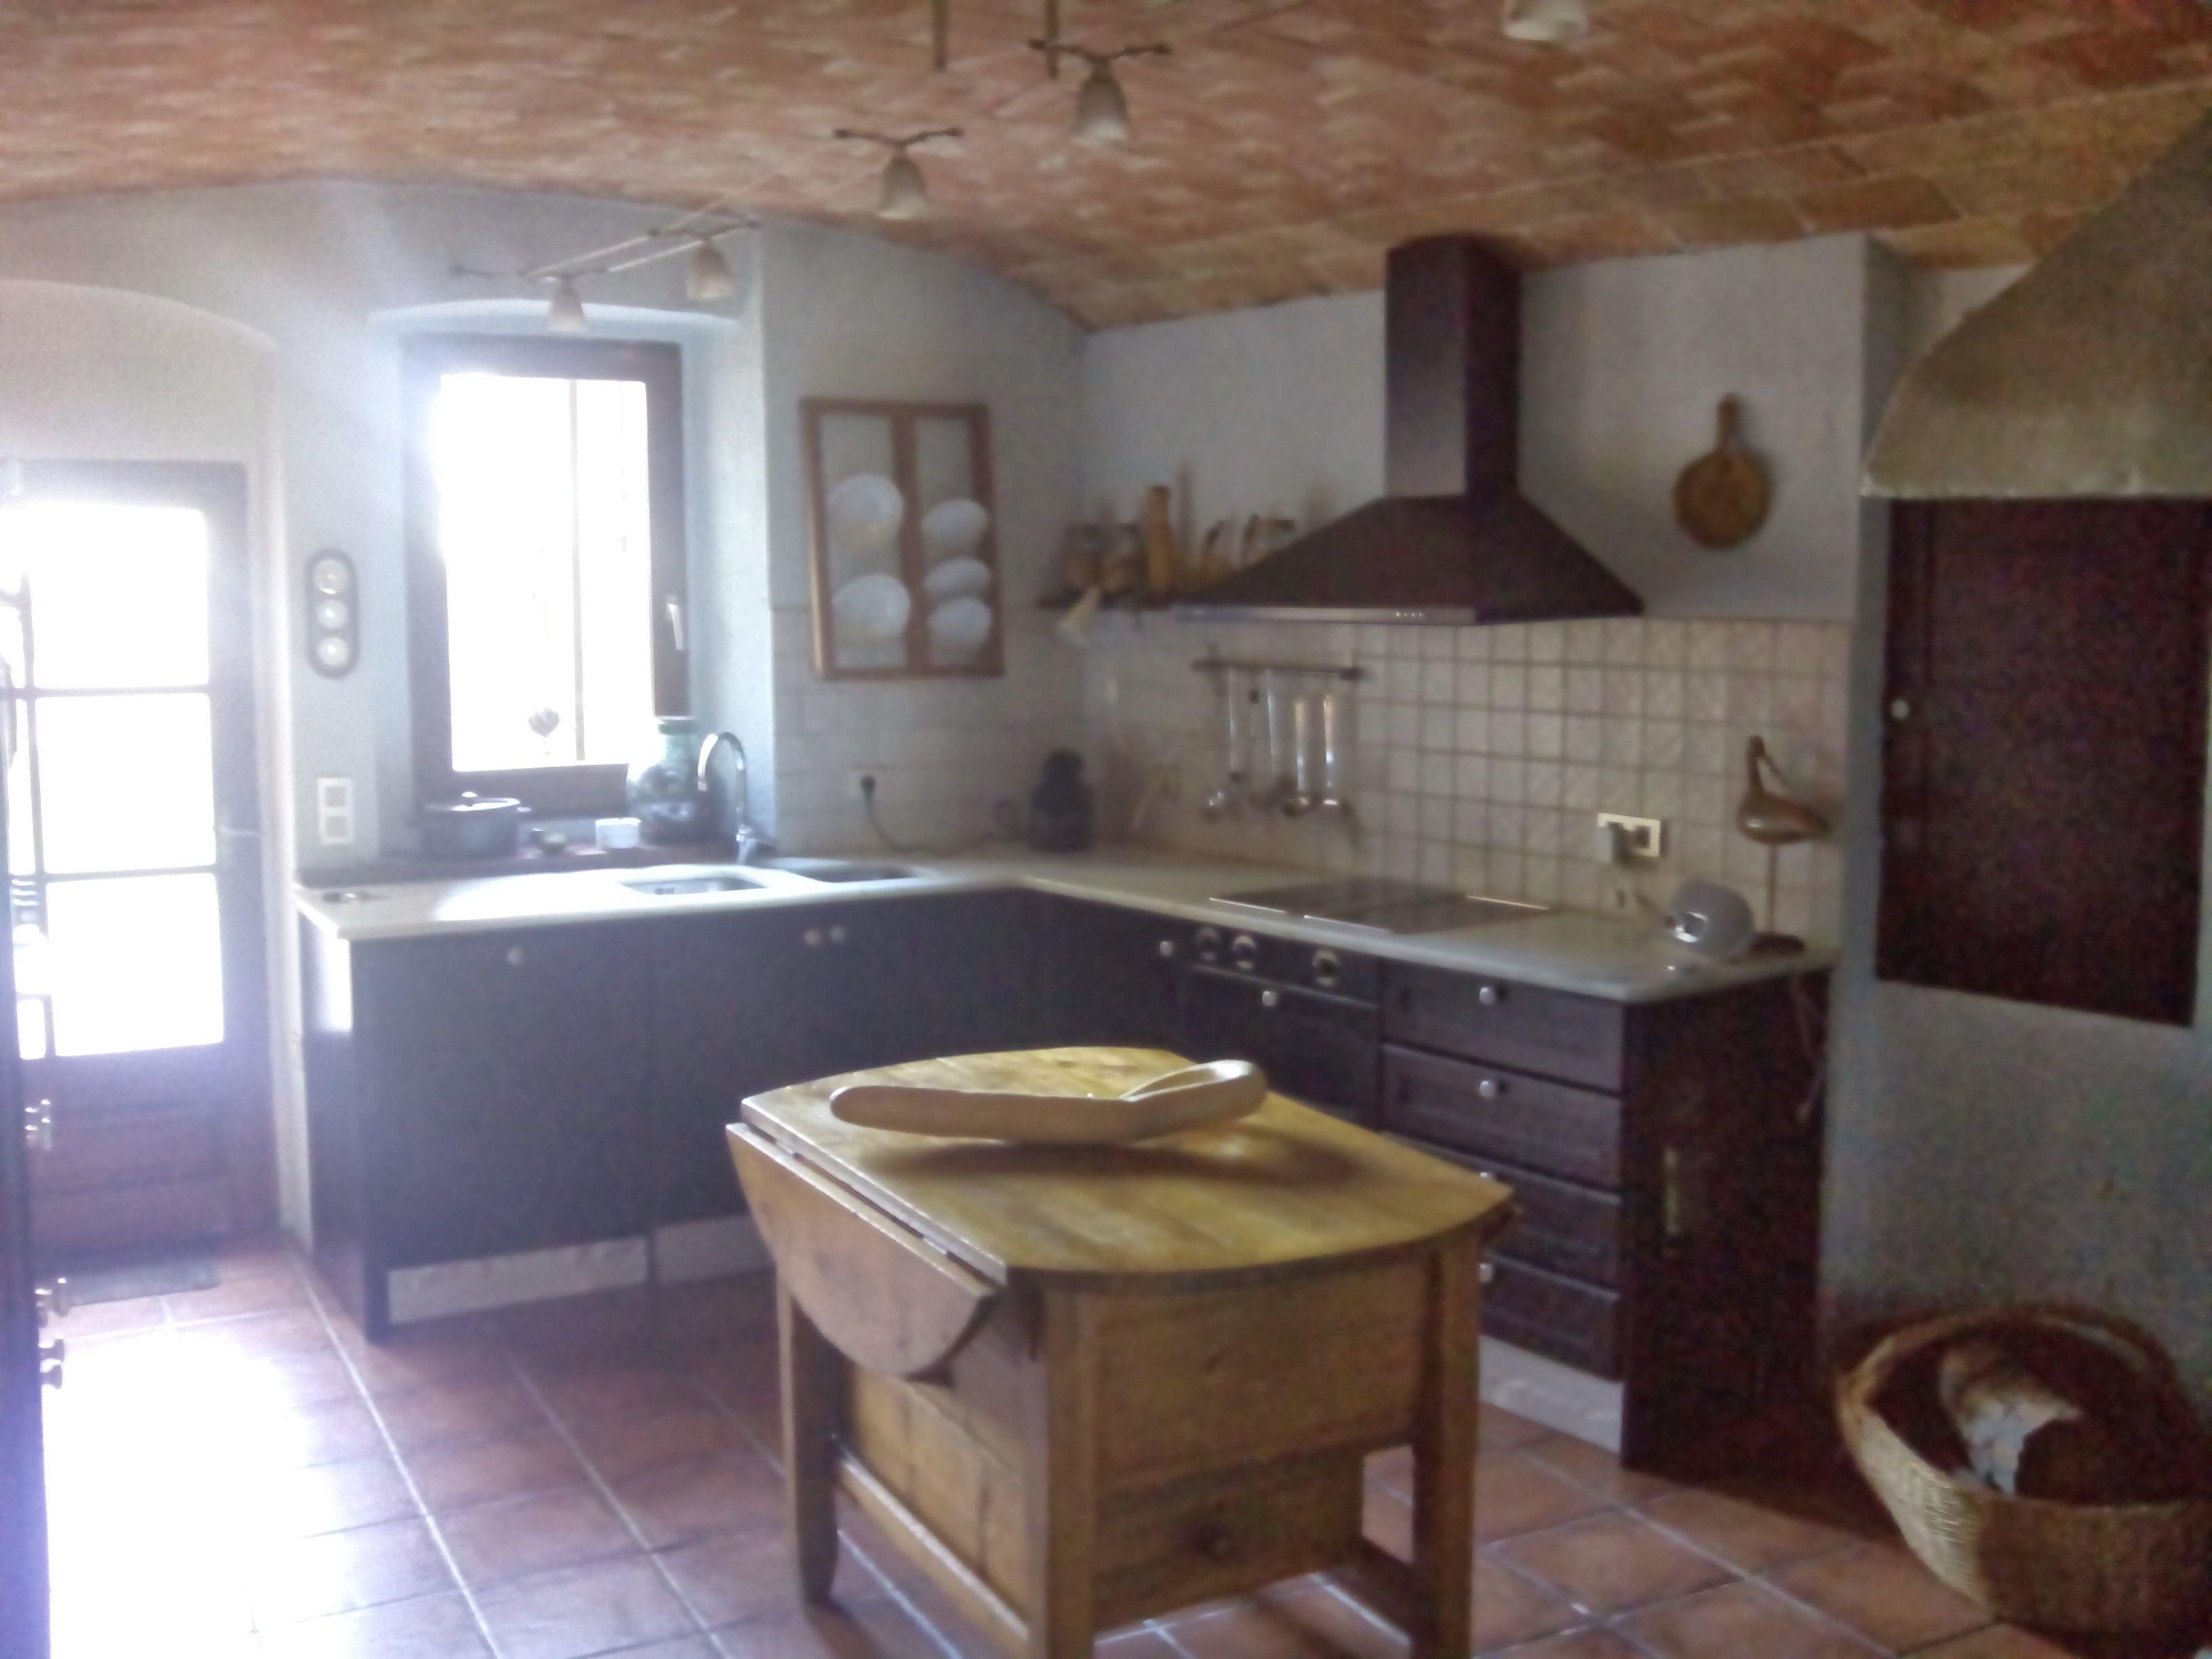 Ideas de #Cocina, estilo #Rustico color #Beige, #Marron, #Negro ...